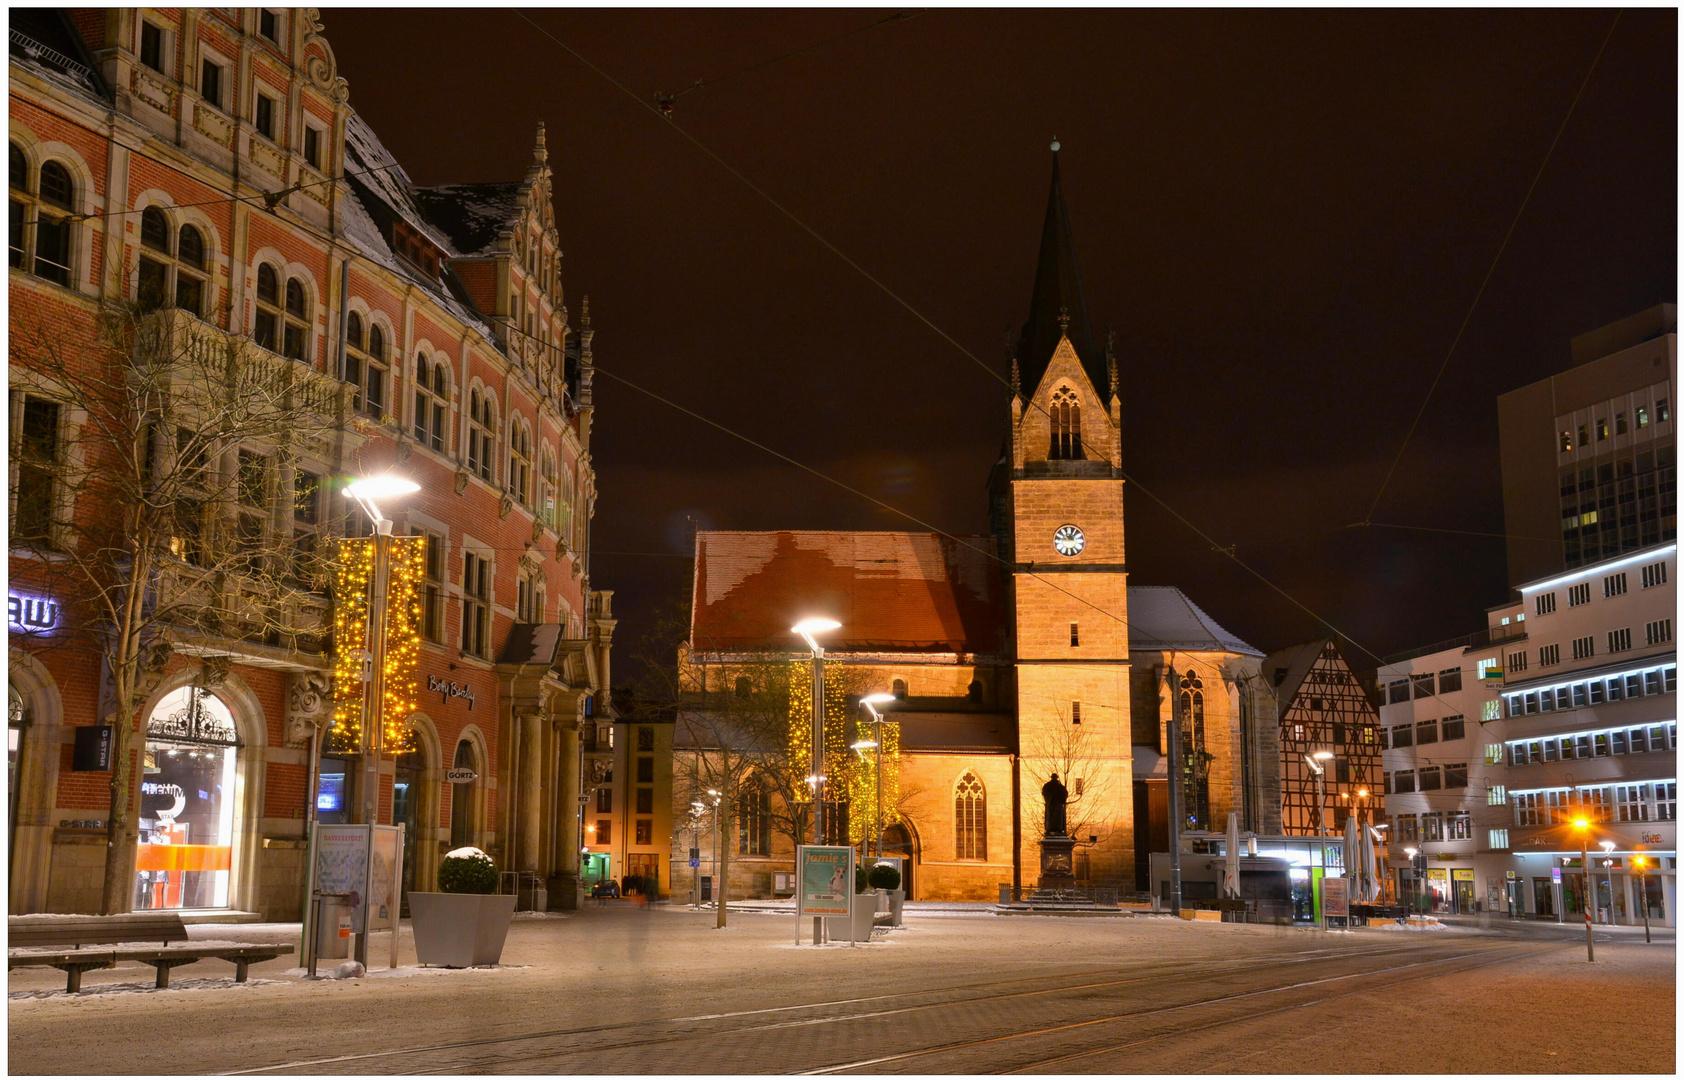 estar de visita en Erfurt, 20 (Besuch in Erfurt, 20)